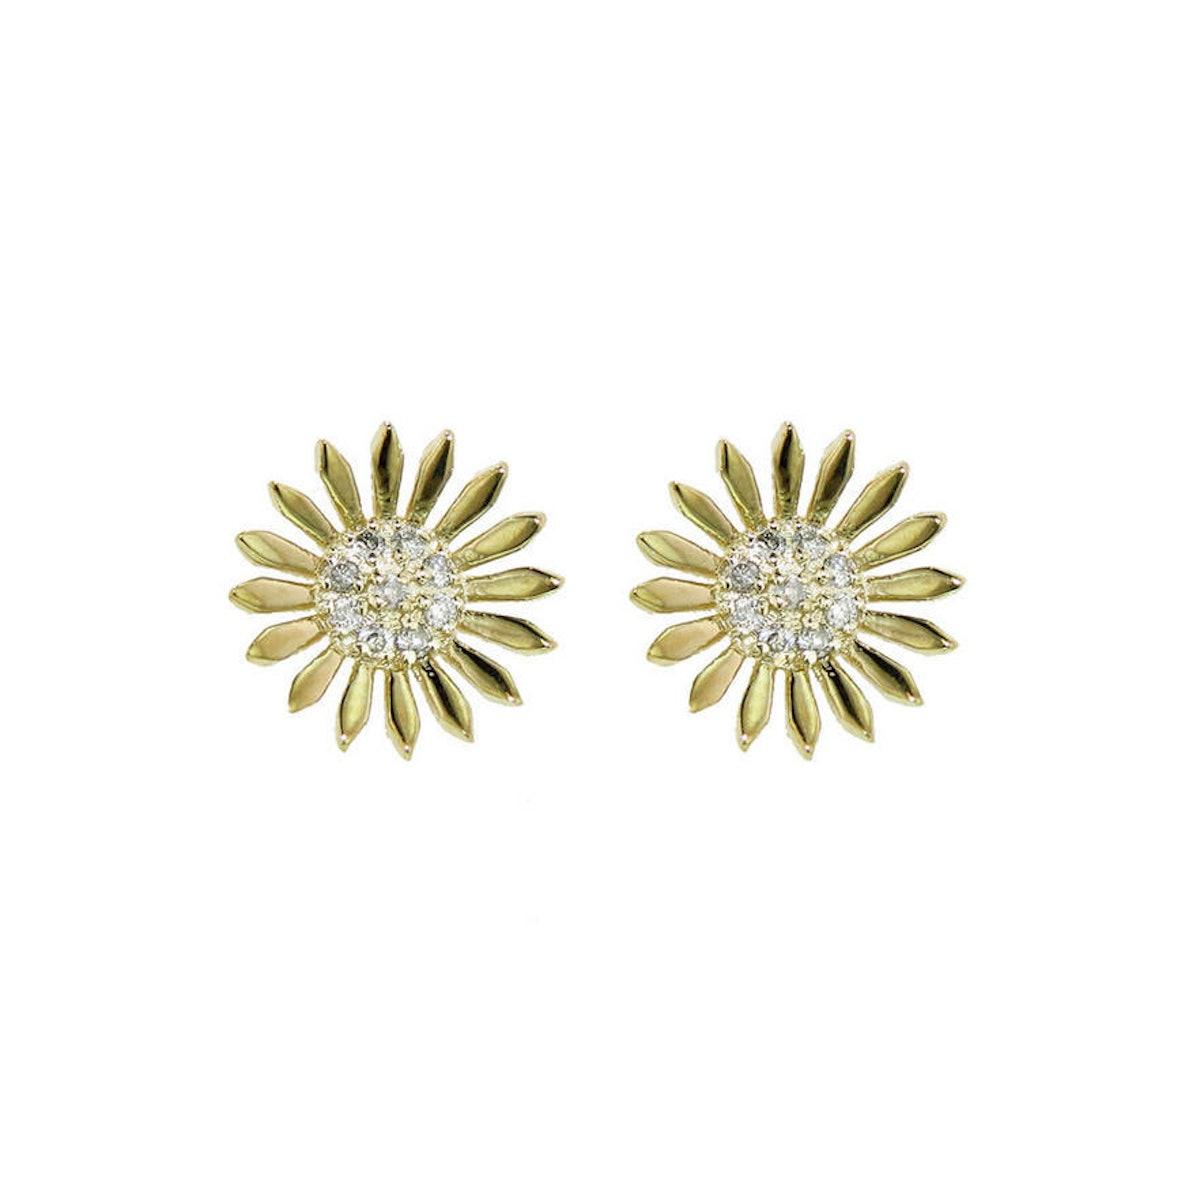 Sydney Evan earrings, $855, ylang23.com